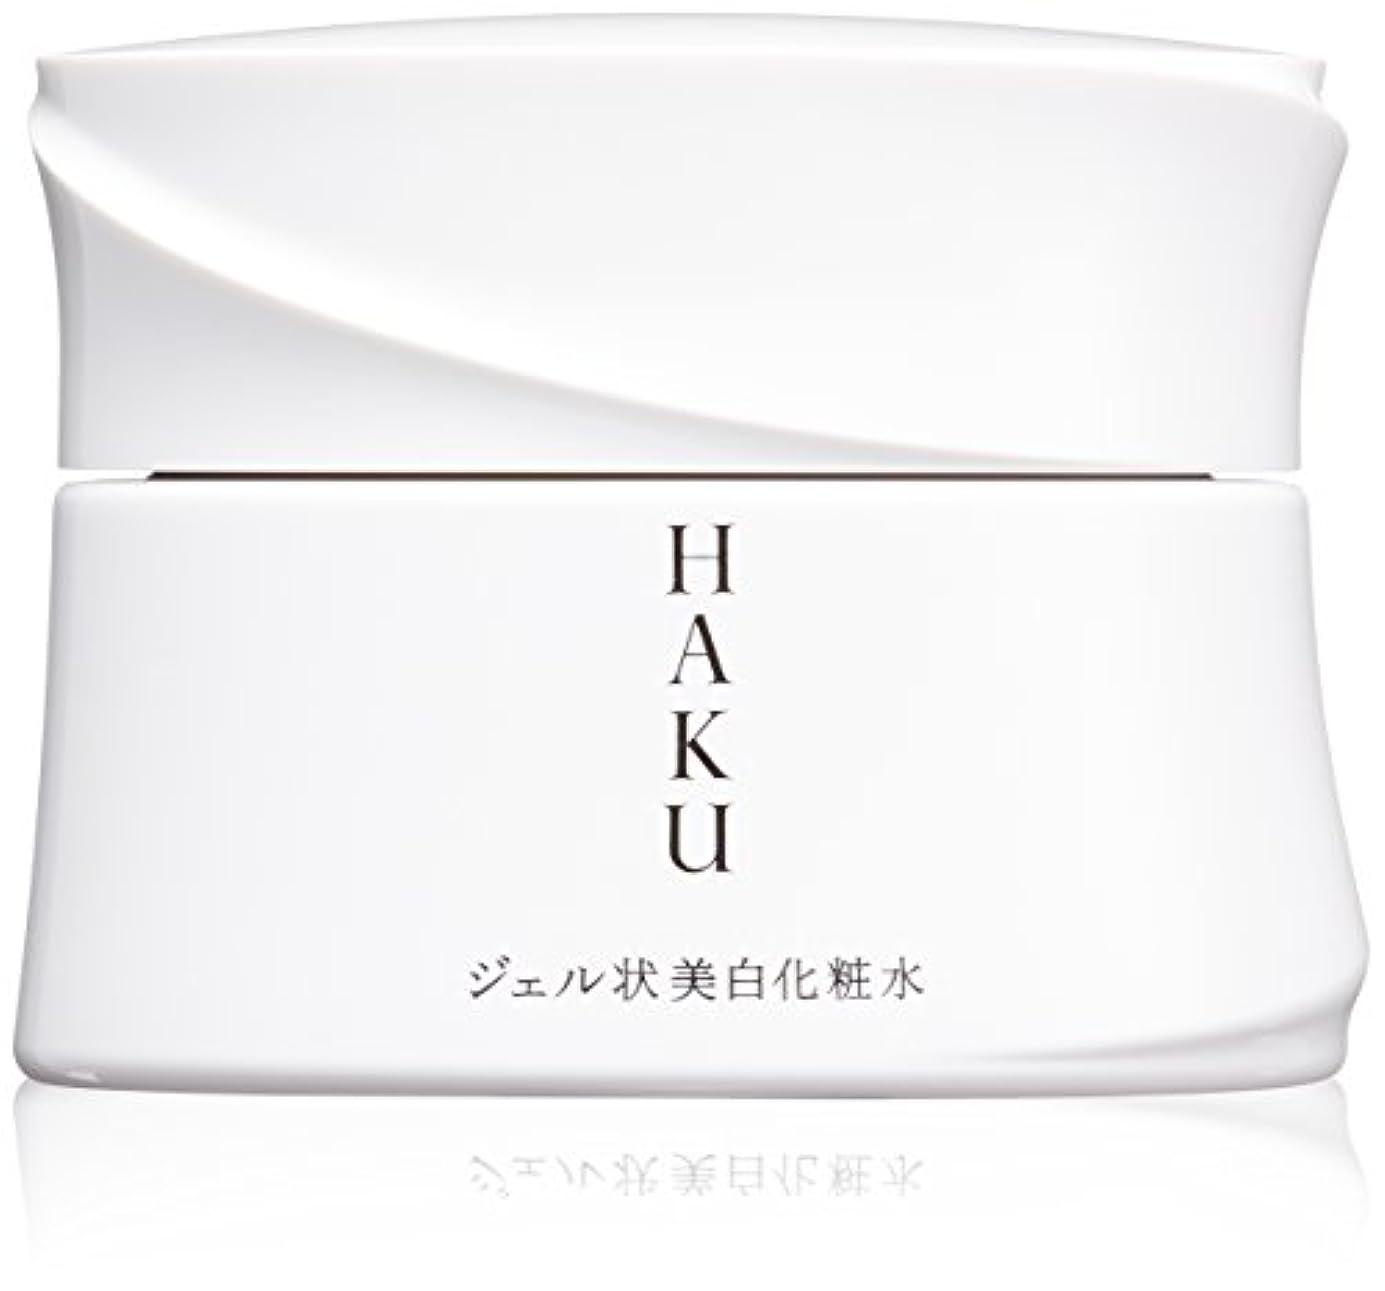 同志メアリアンジョーンズ映画HAKU メラノディープモイスチャー 美白化粧水 100g 【医薬部外品】